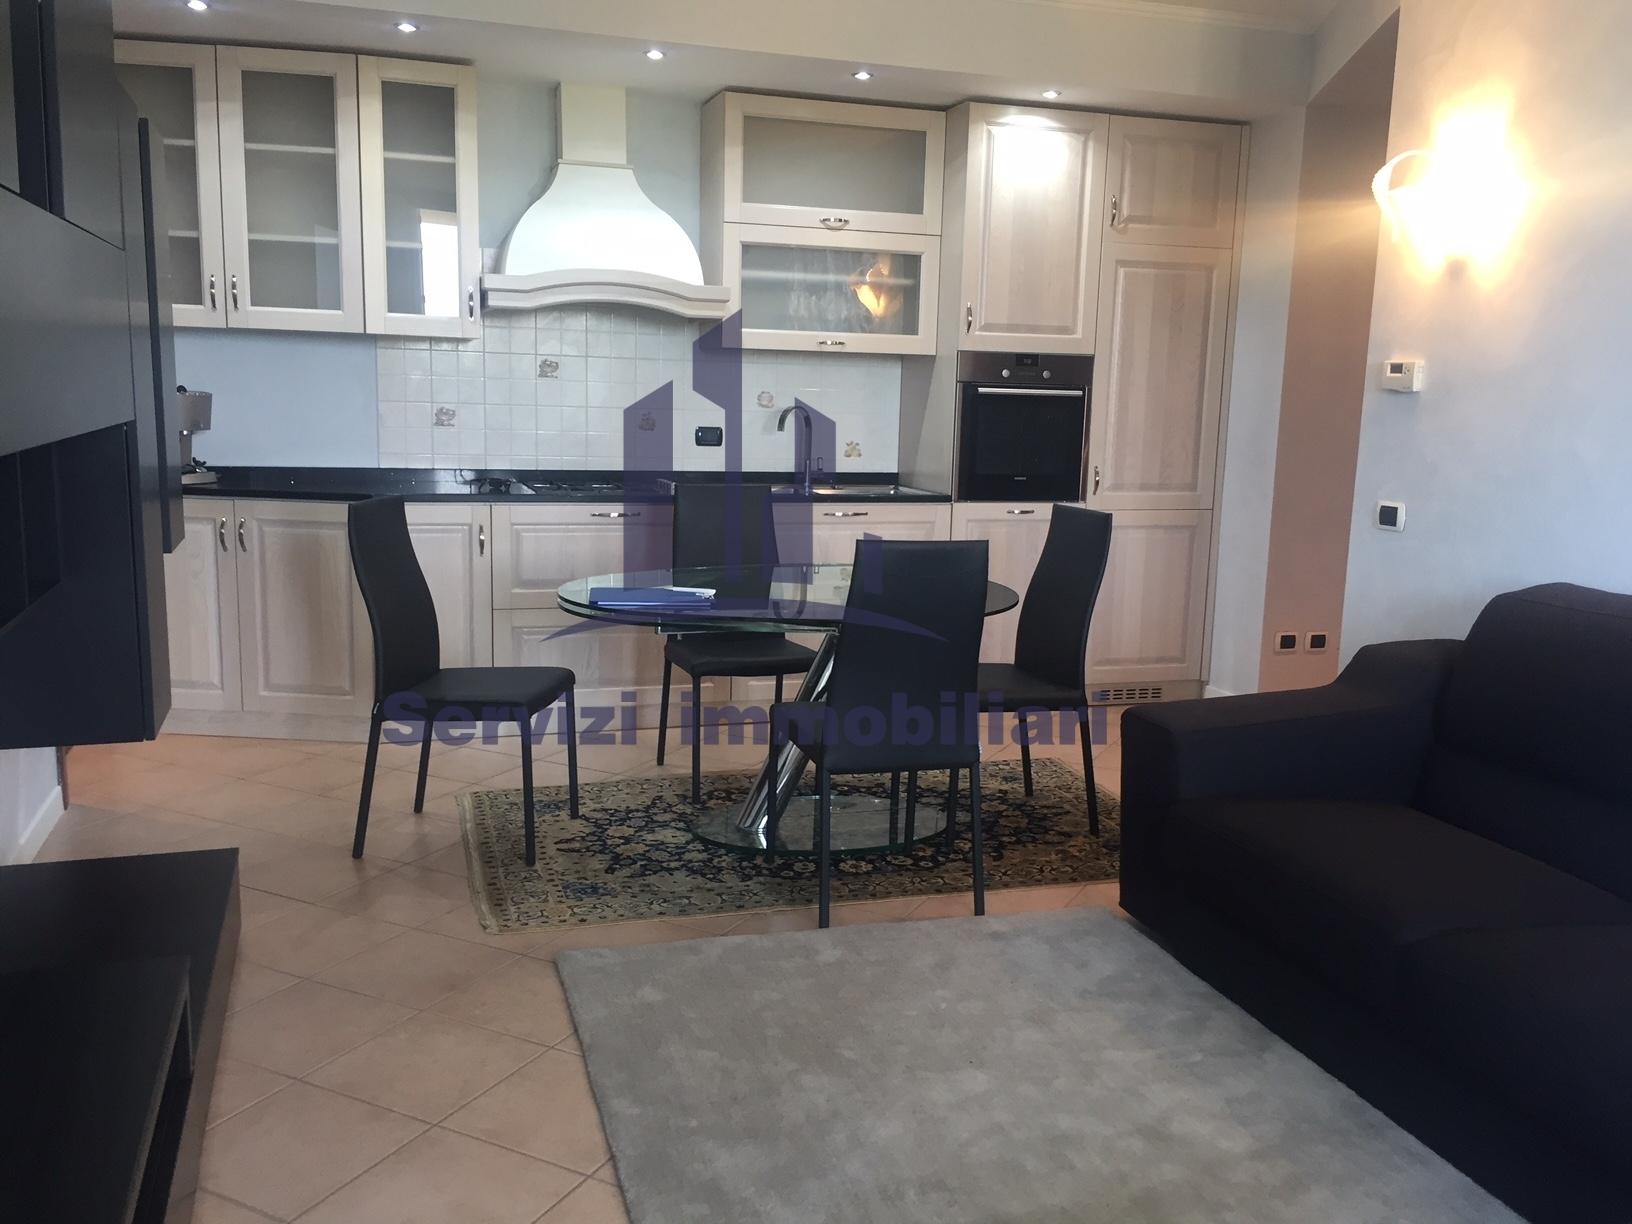 Appartamento in affitto a Assago, 3 locali, prezzo € 1.000 | CambioCasa.it